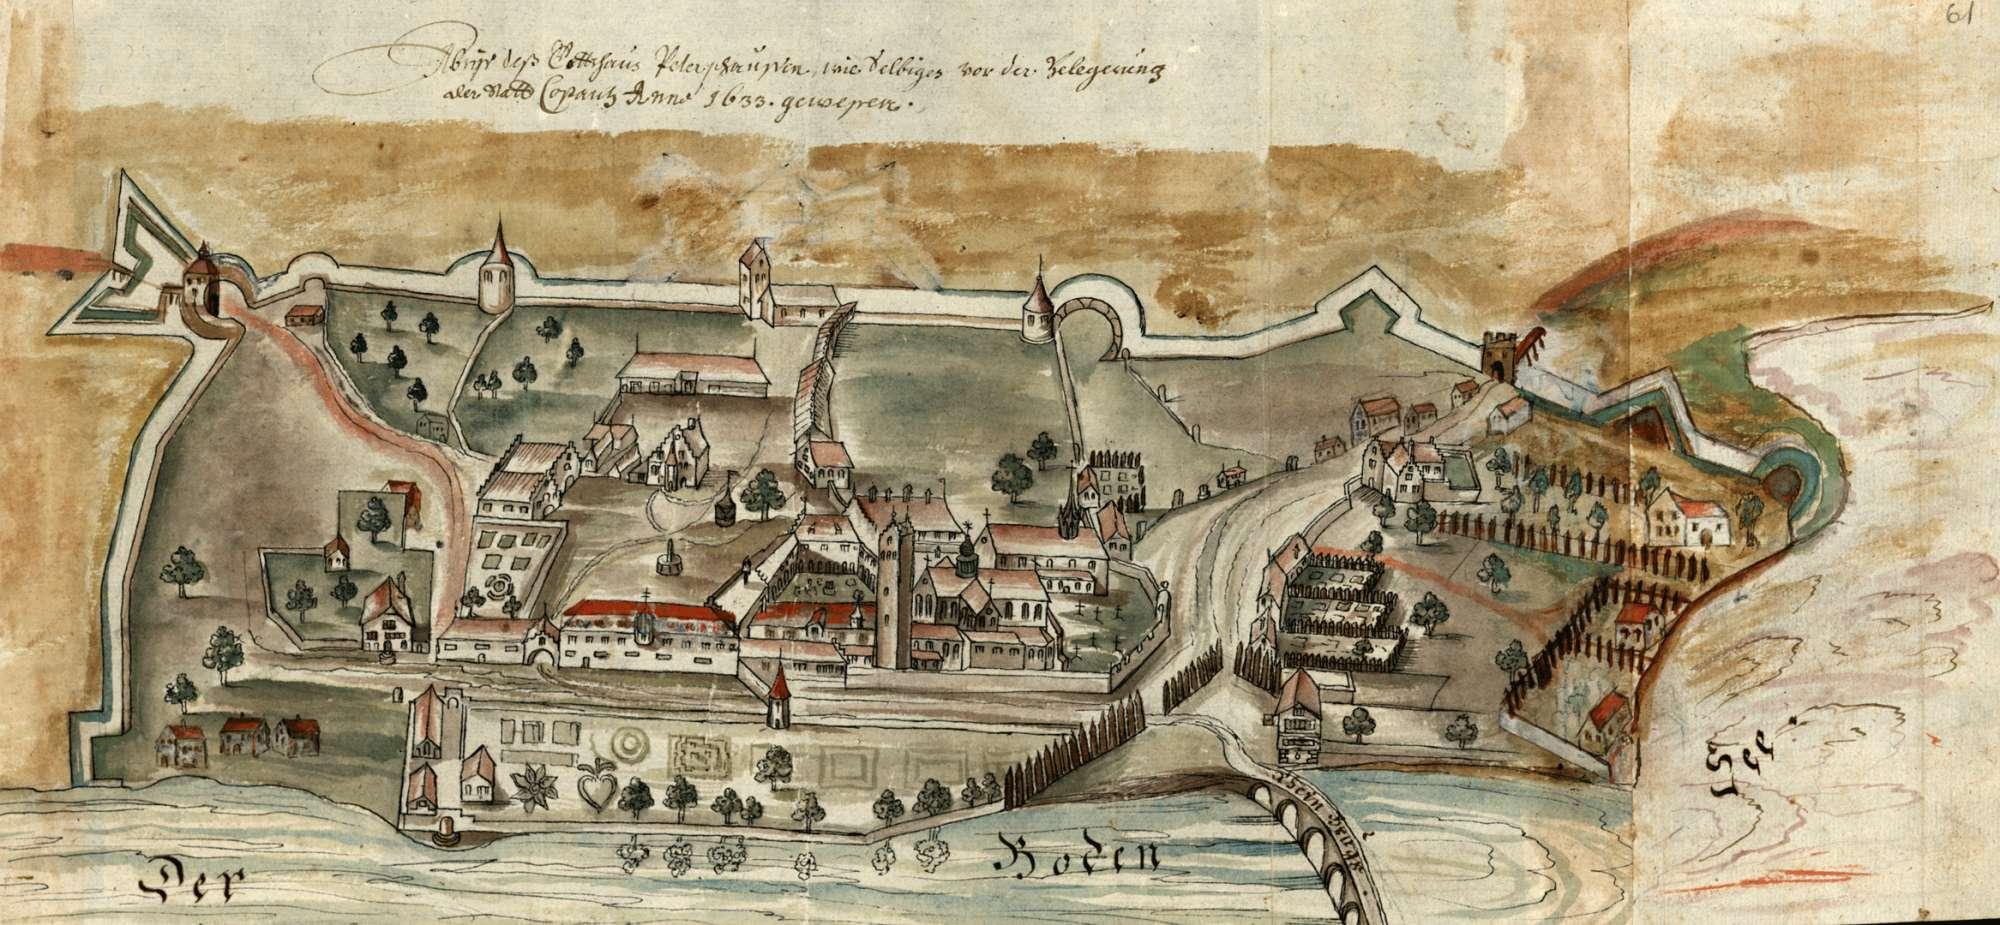 Abriß des Gottshaus Petershausen, wie selbiges vor der Belegerung der Statt Costantz anno 1633 gewesen, Bild 1